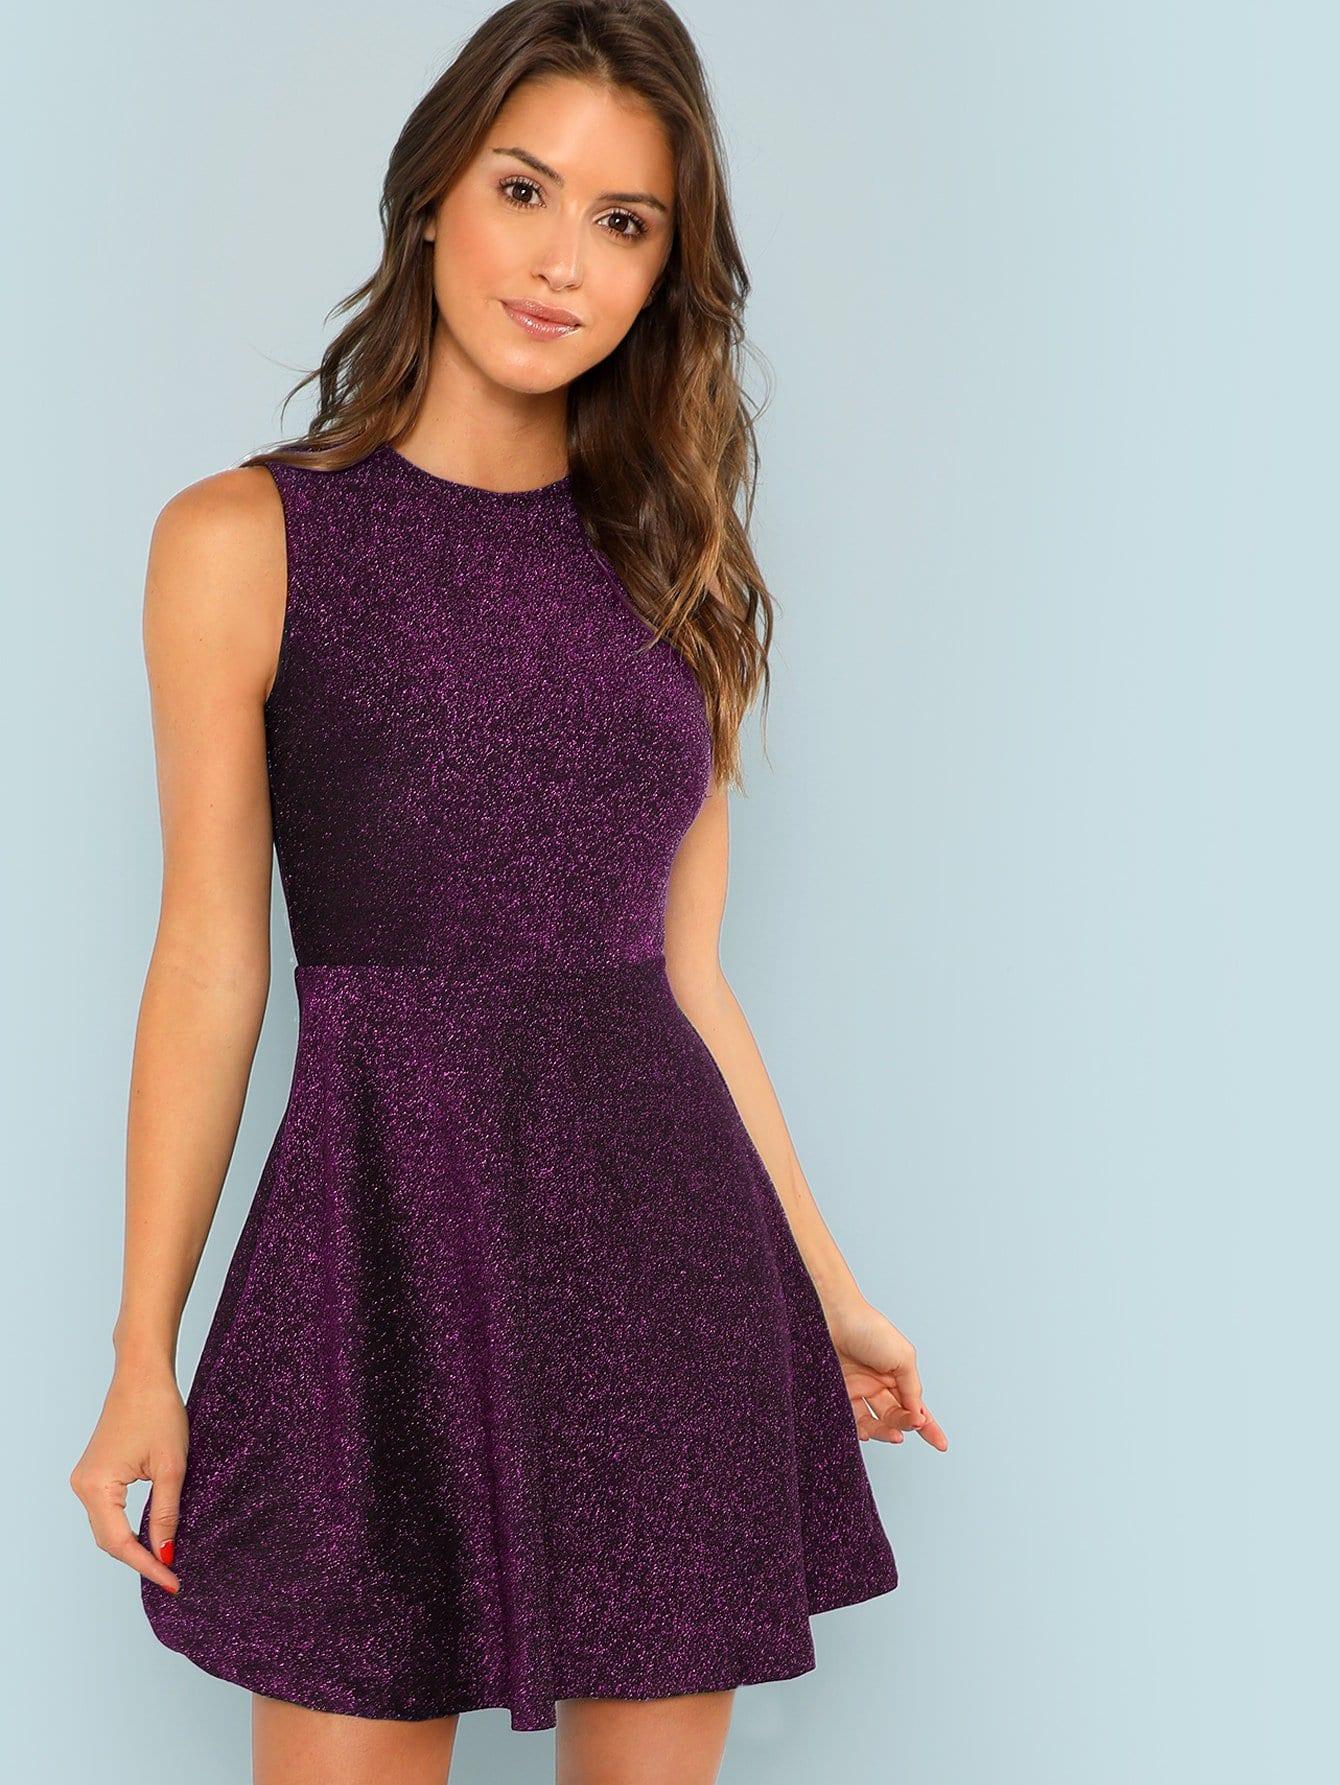 Фото - Блестящее платье-клёш без рукавов от SheIn цвет фиолетовые